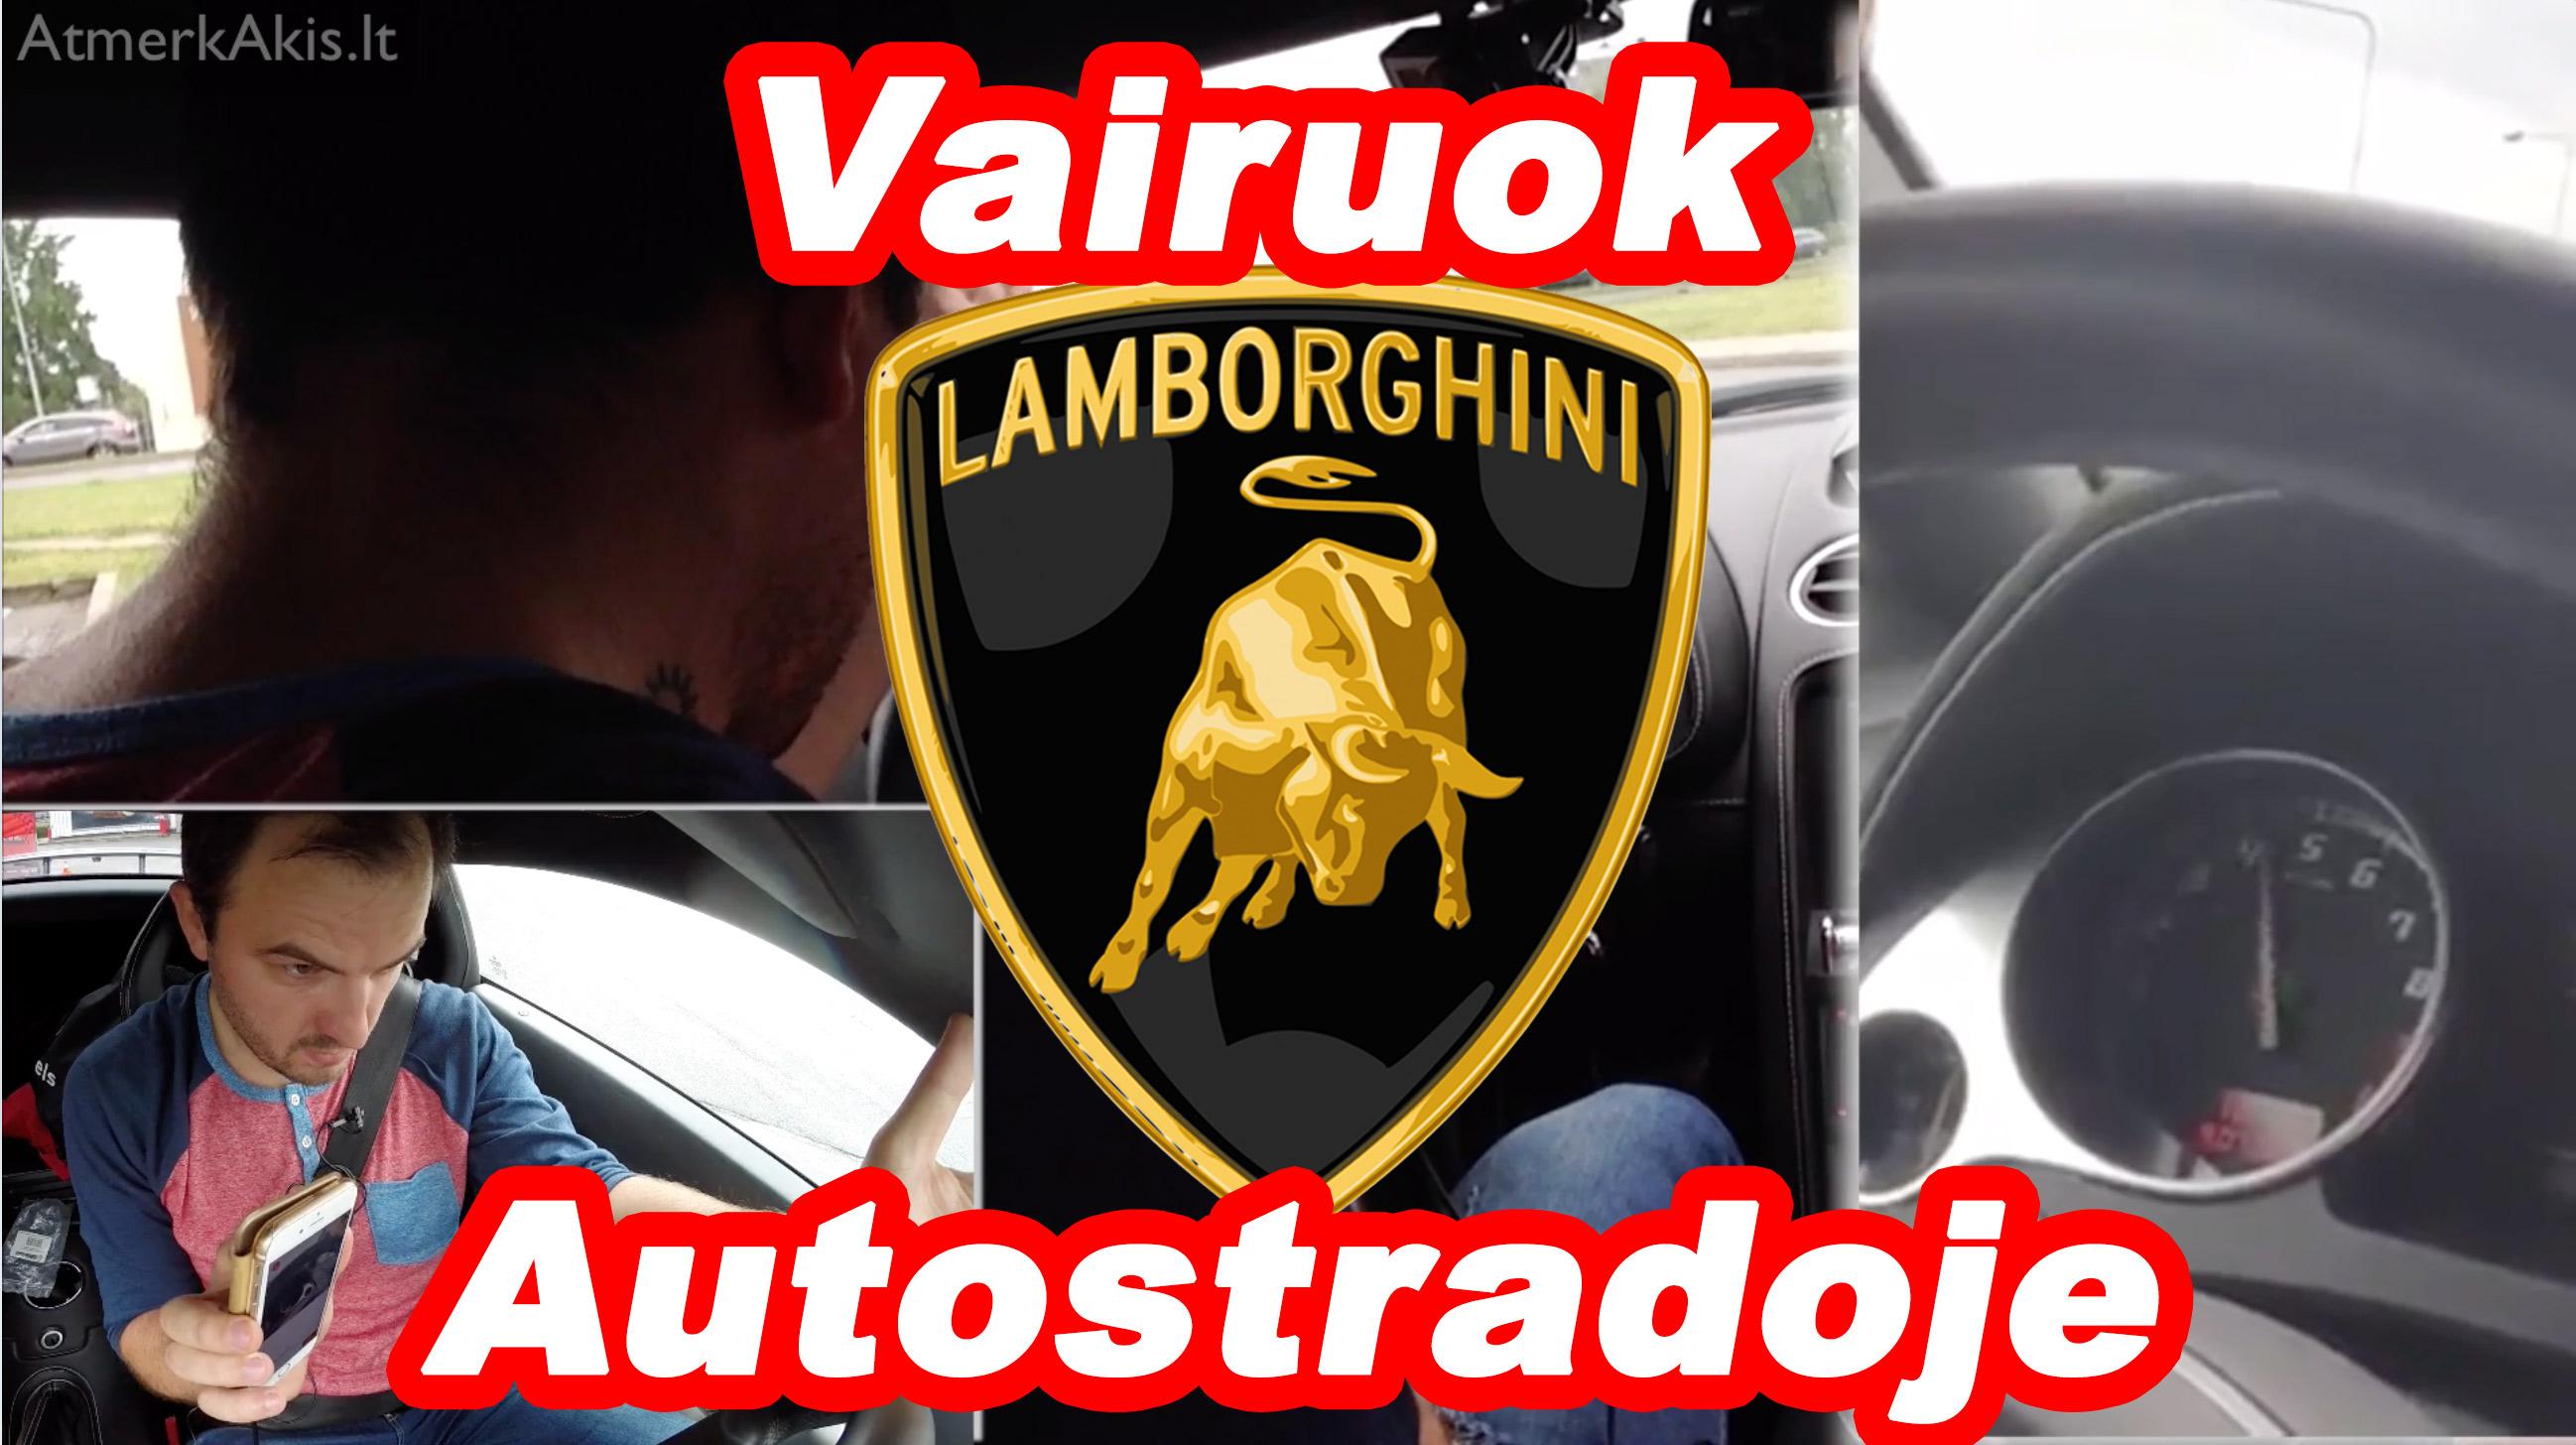 vairuok-lamborghini-autostradoje-laisvalaikio-dovanos